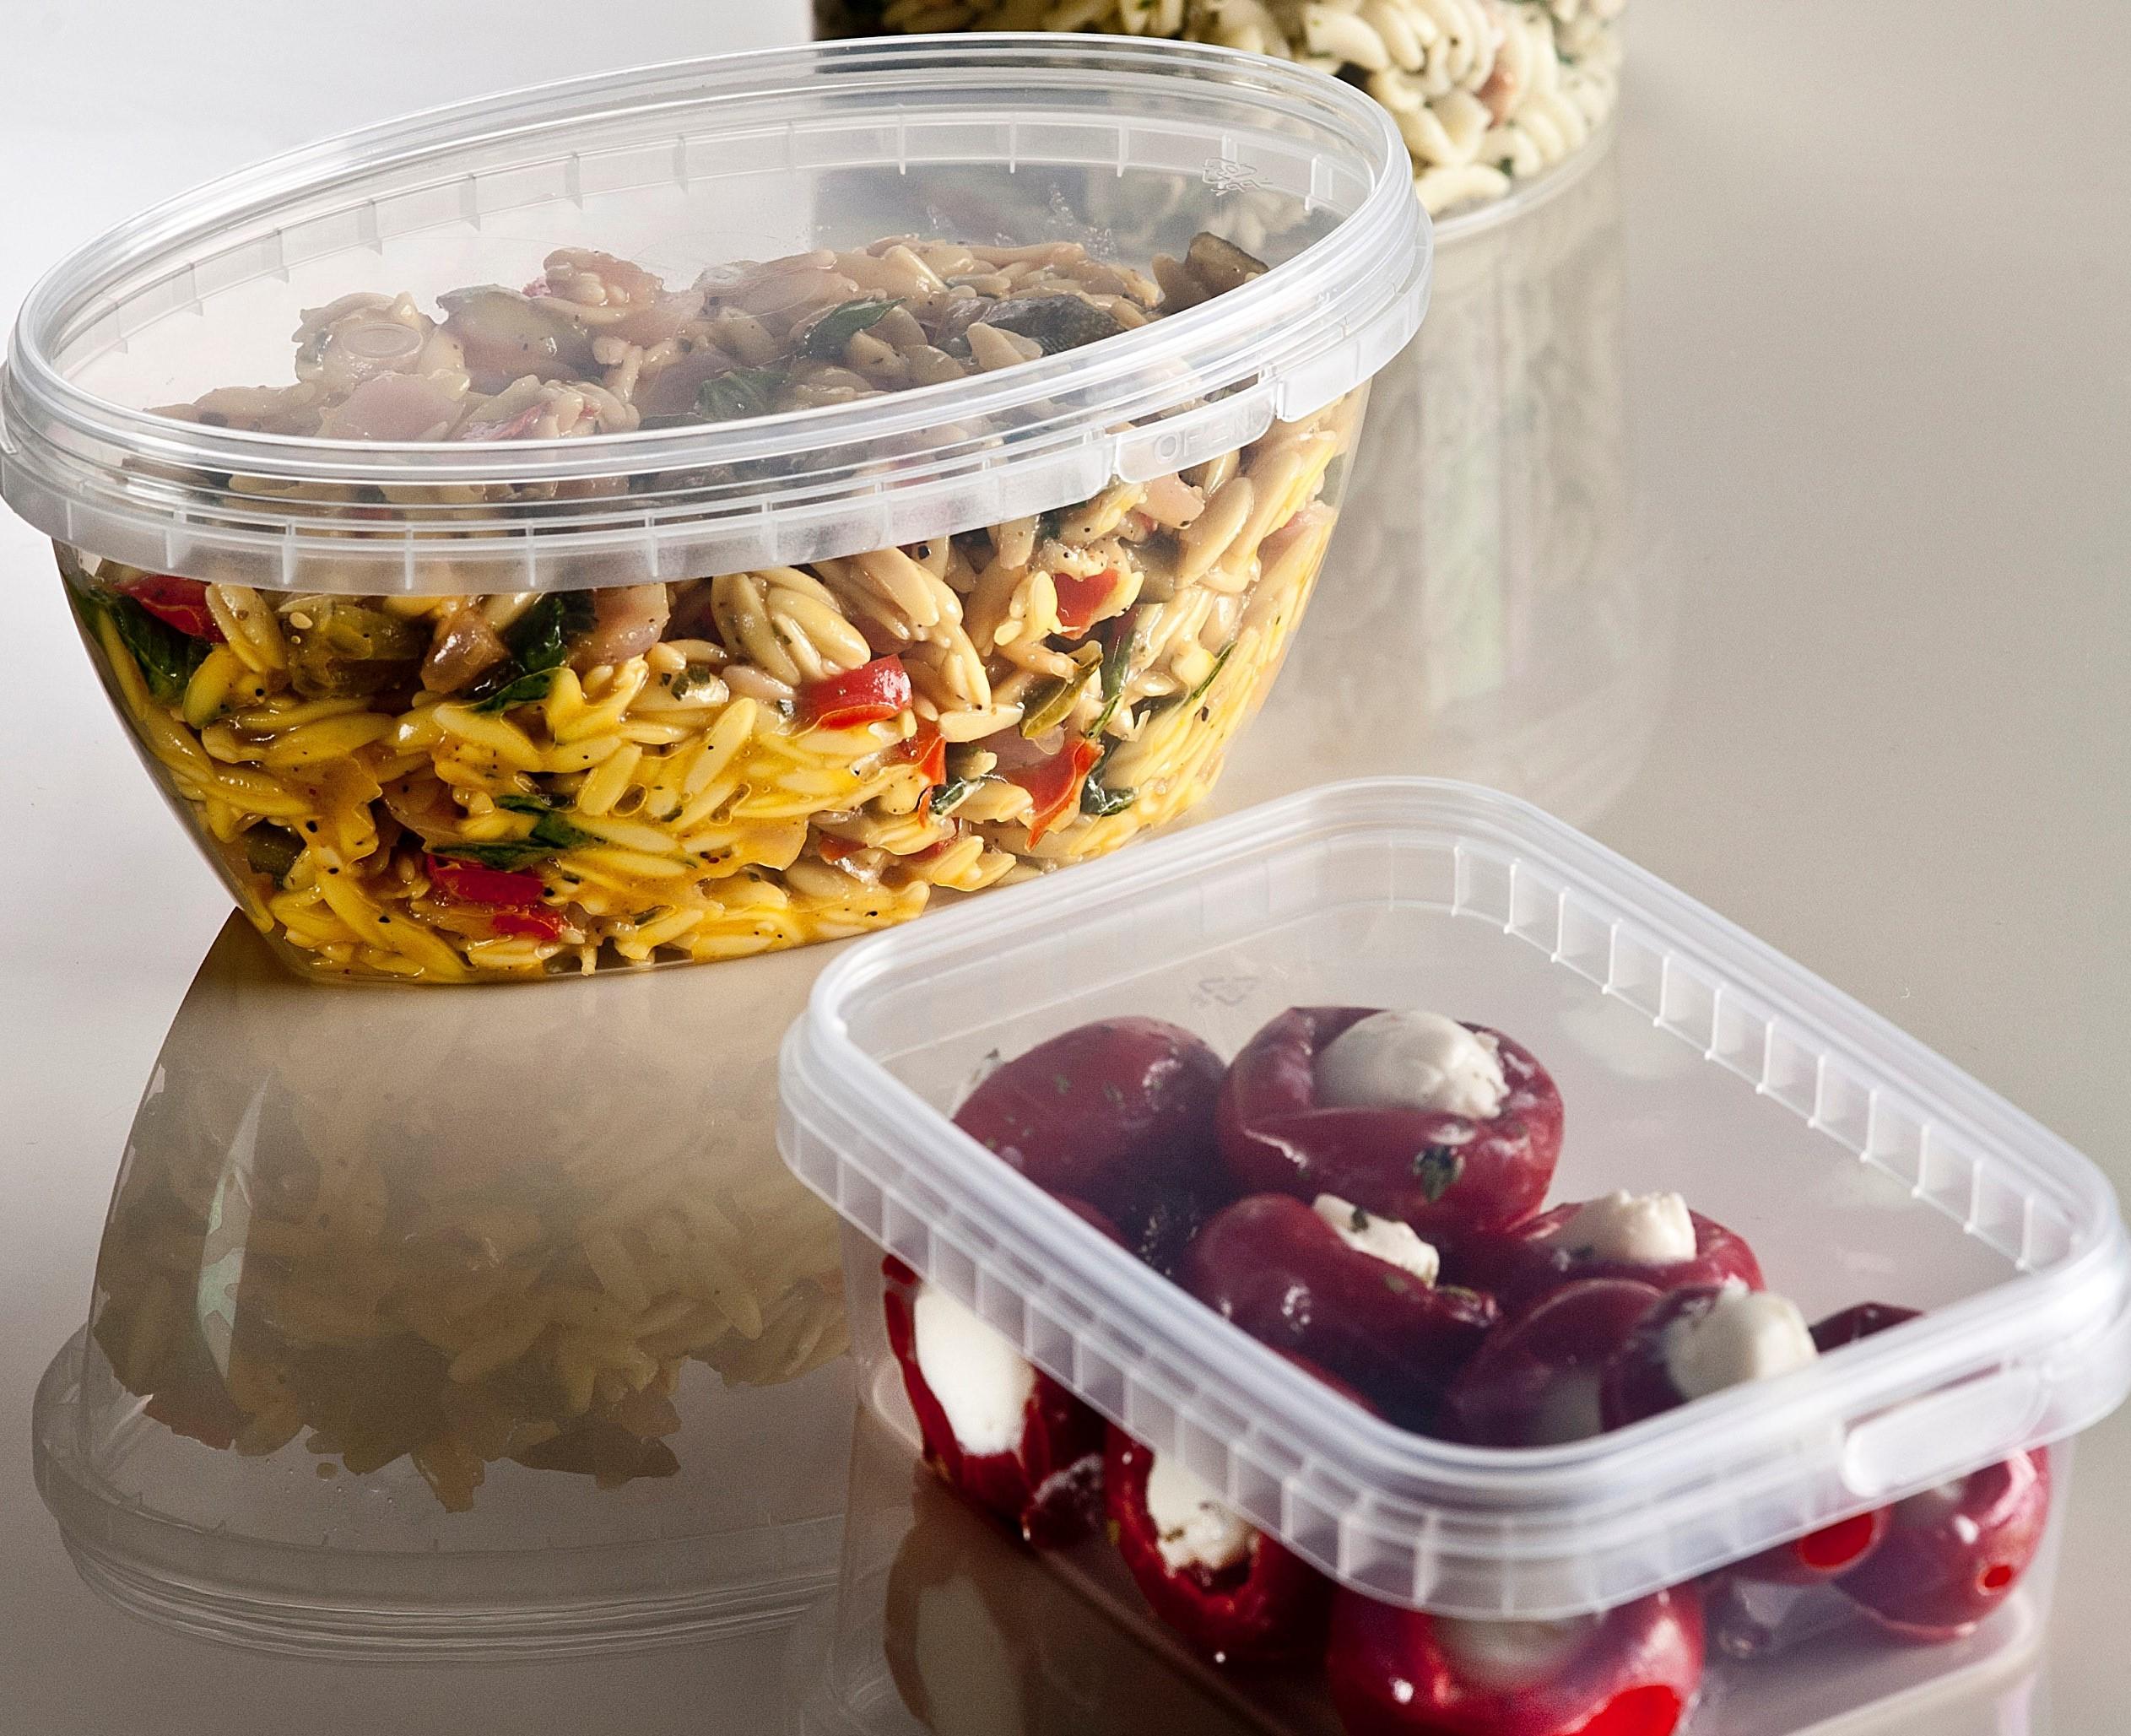 food service foodservice tamper evident food packaging